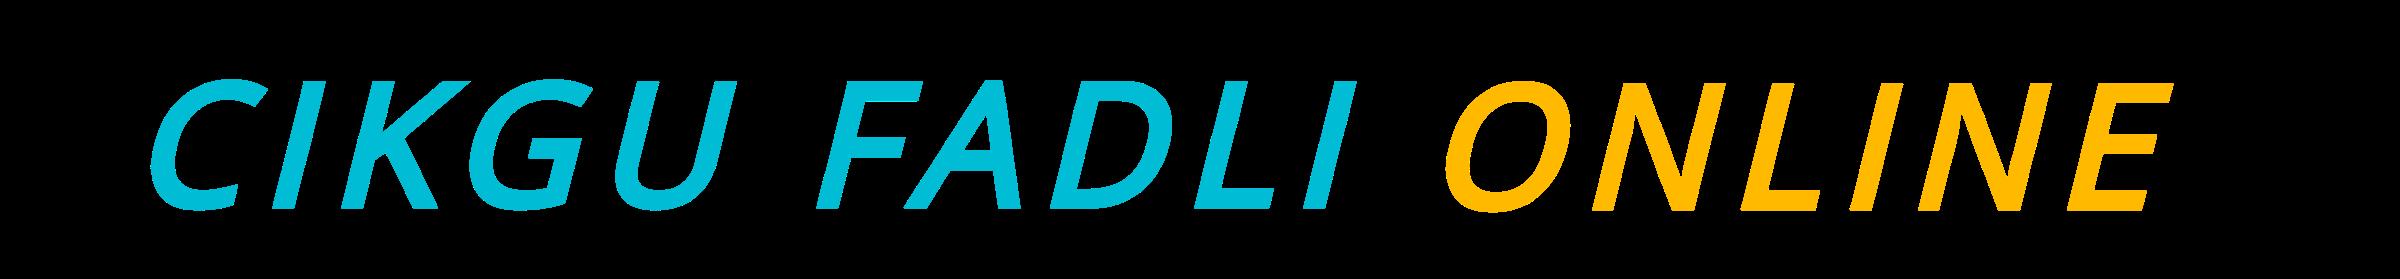 cikgu-fadli-online-logo